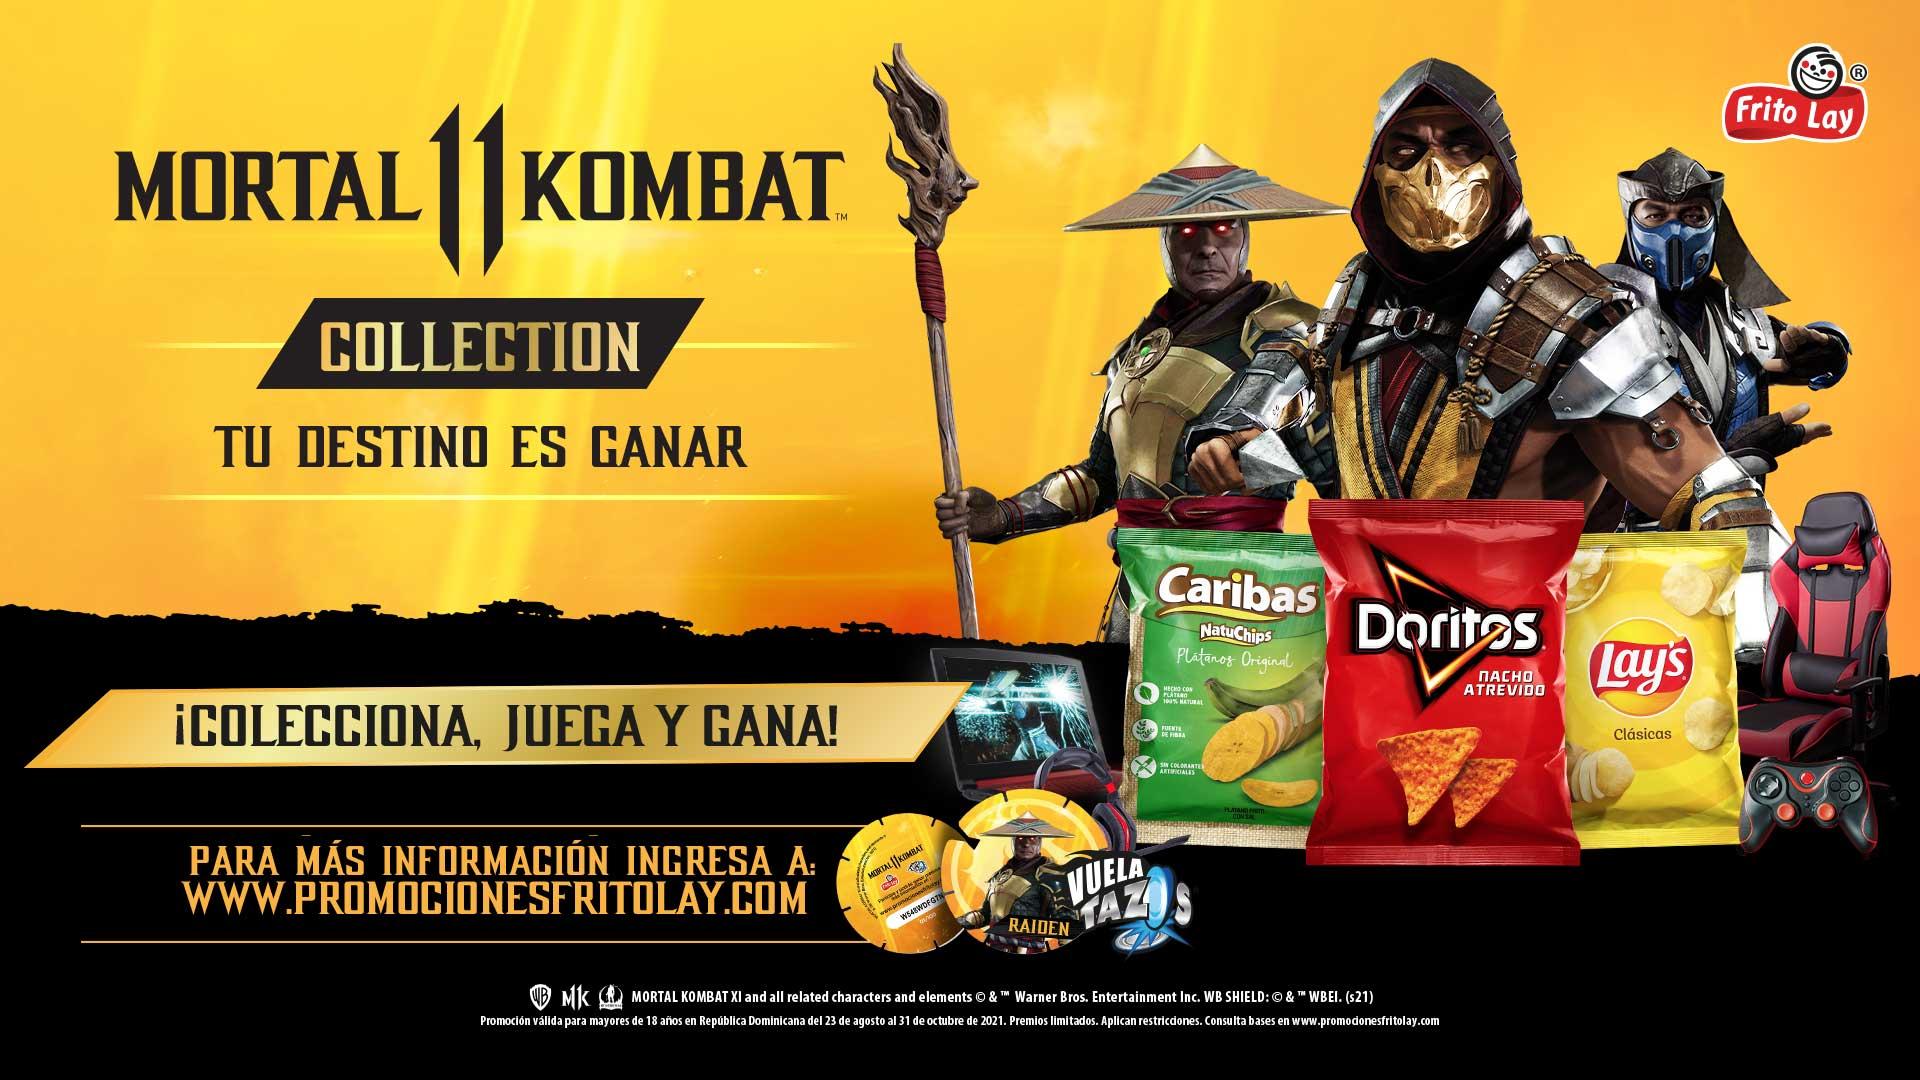 Fritolay y Mortal Kombat te regalan varios premios, entra para participar en la promoción, GamersrRD